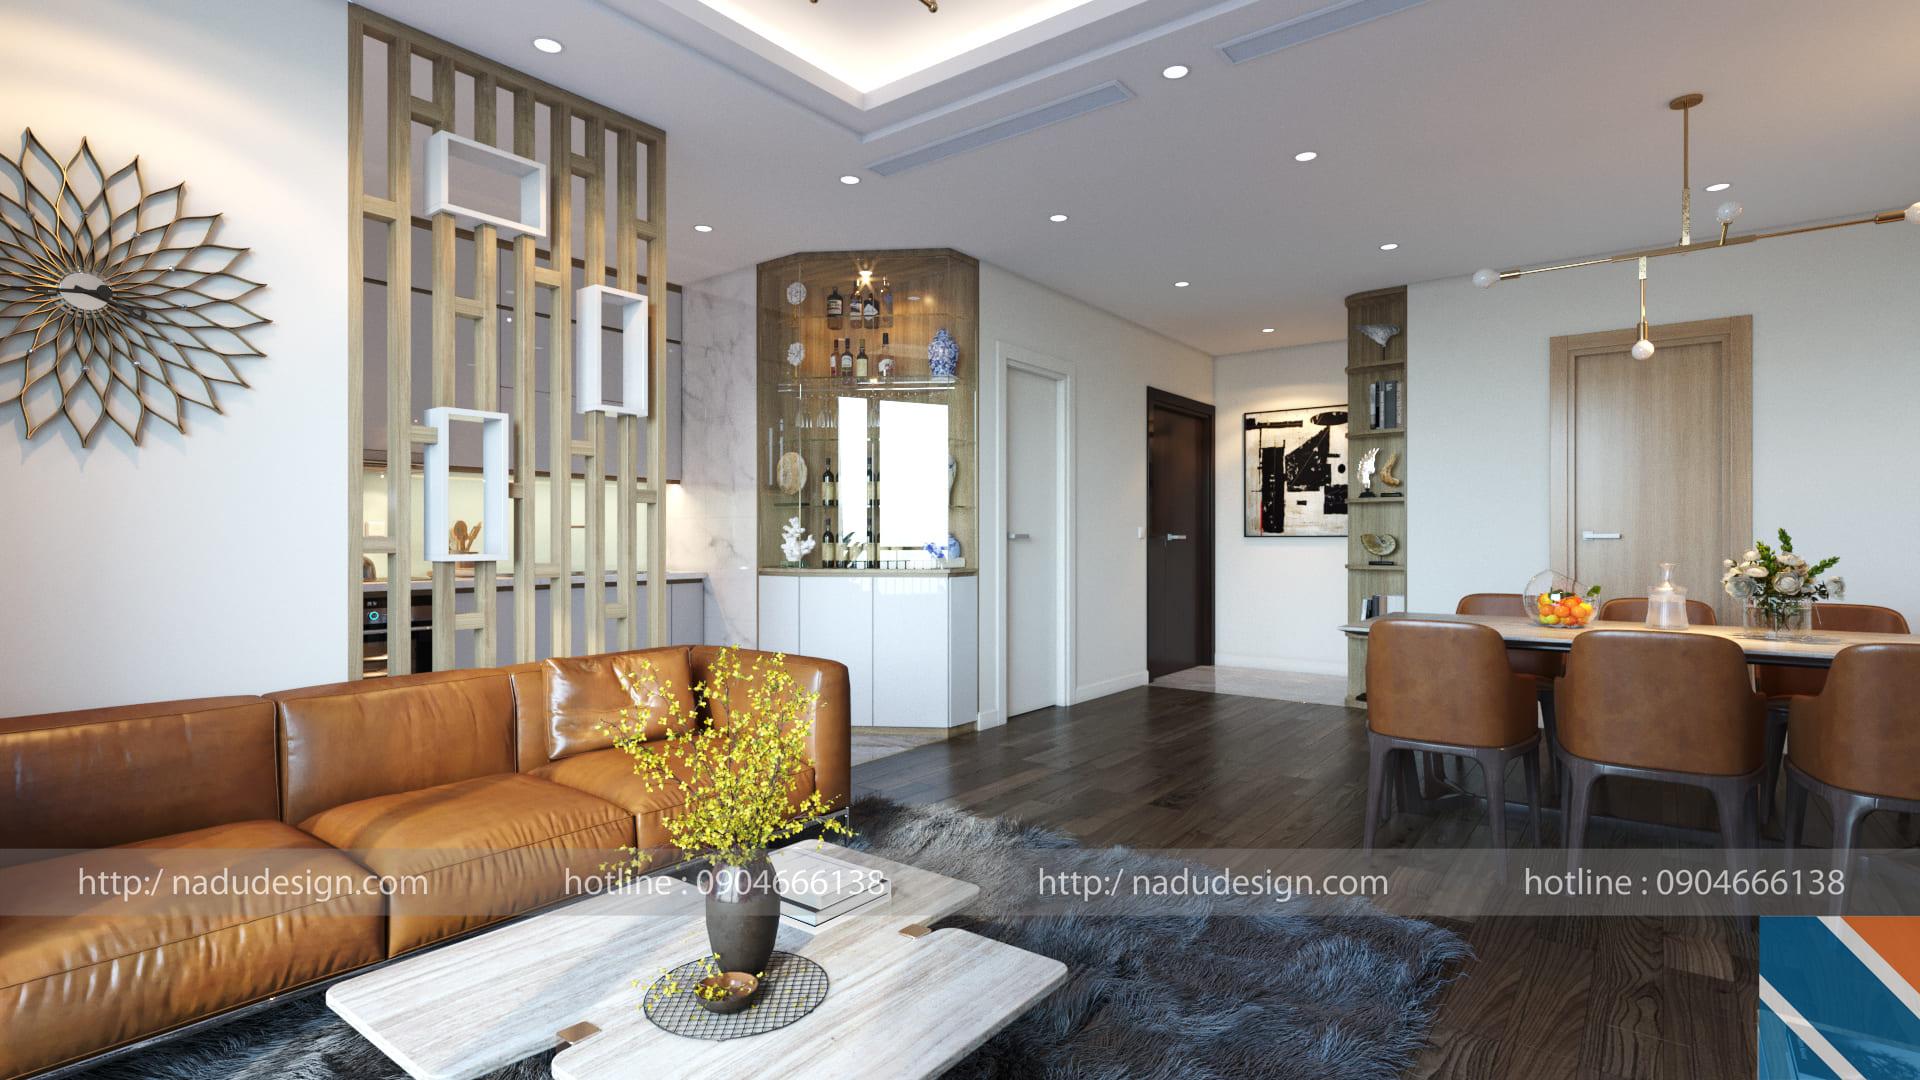 Mẫu thiết kế nội thất chung cư 3 phòng ngủ NADU Design (ảnh 3)